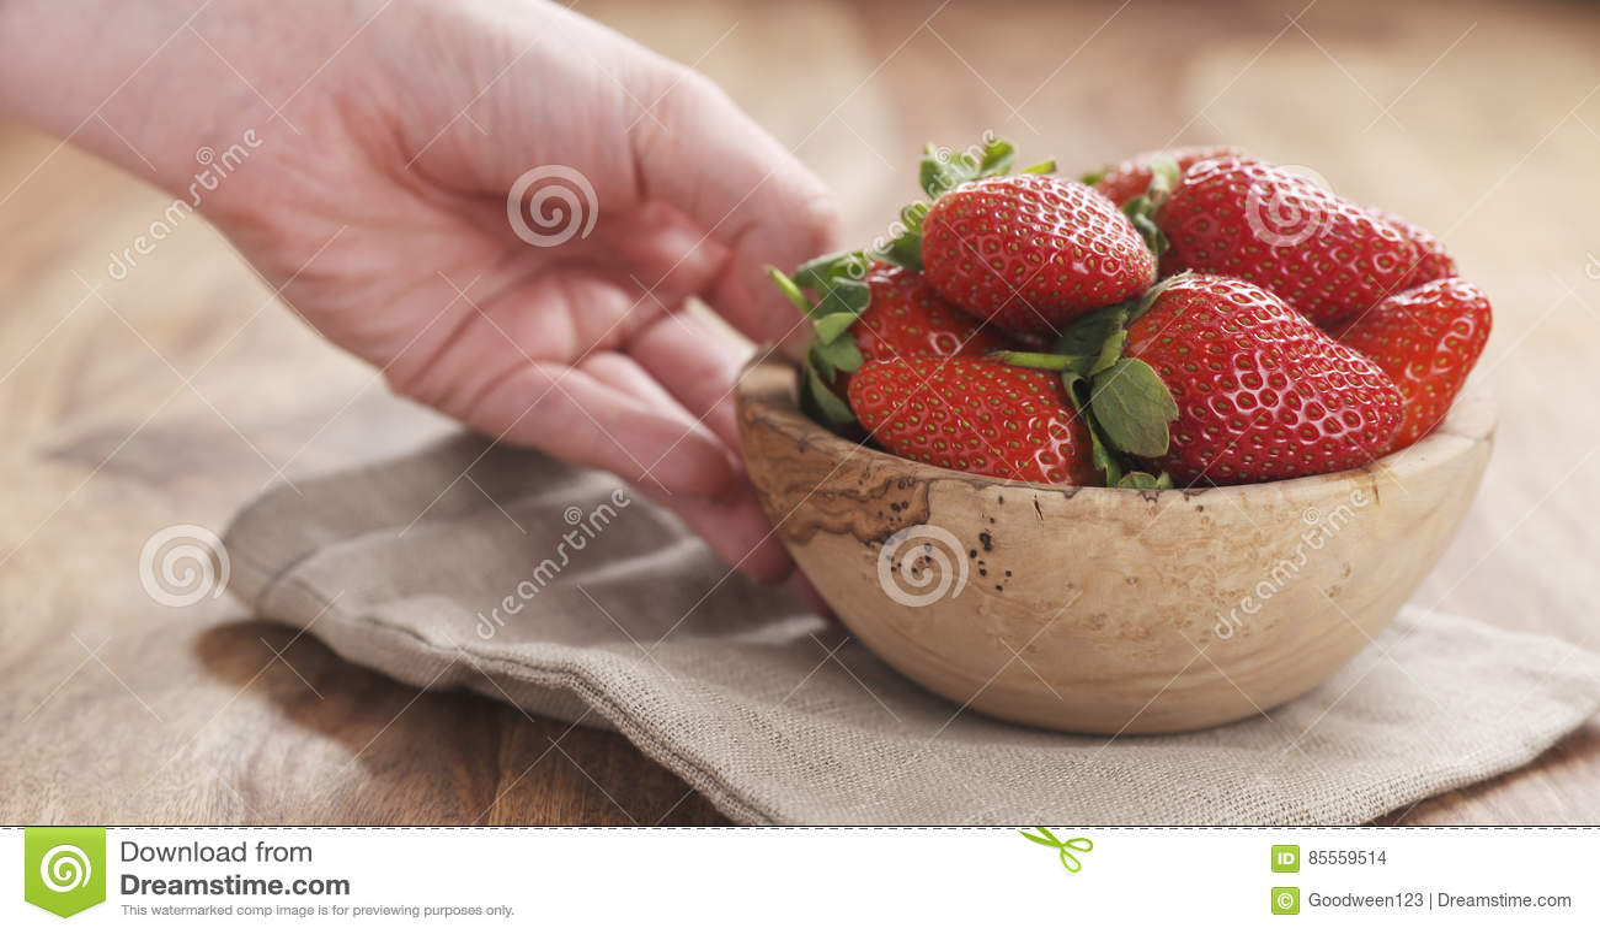 Junge weibliche Hand setzt Schüssel Erdbeeren auf Tabelle